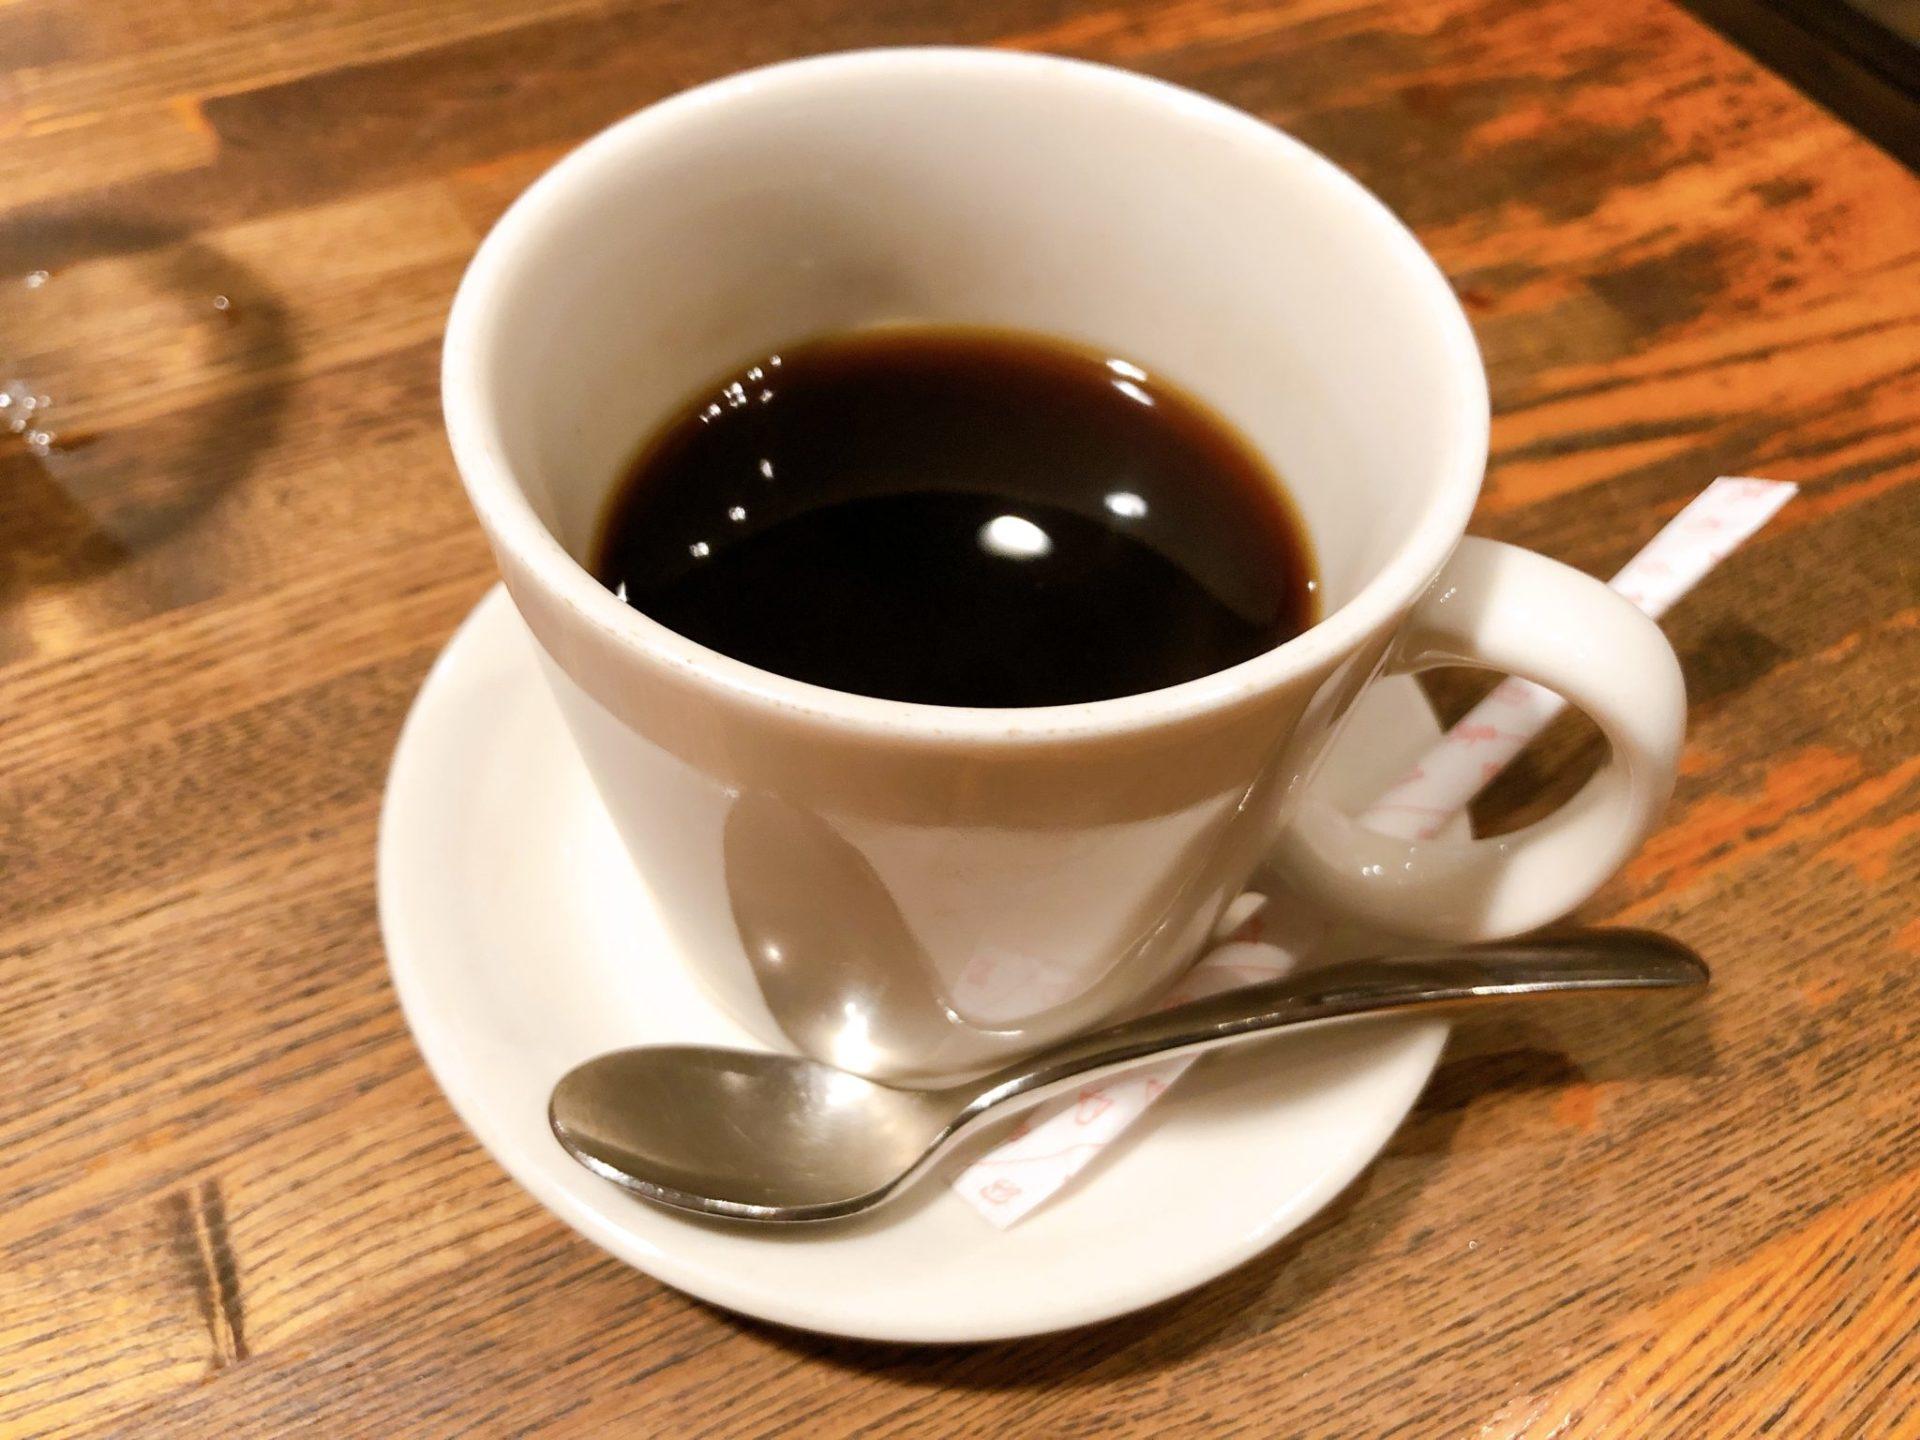 Ksダイニングのコーヒー